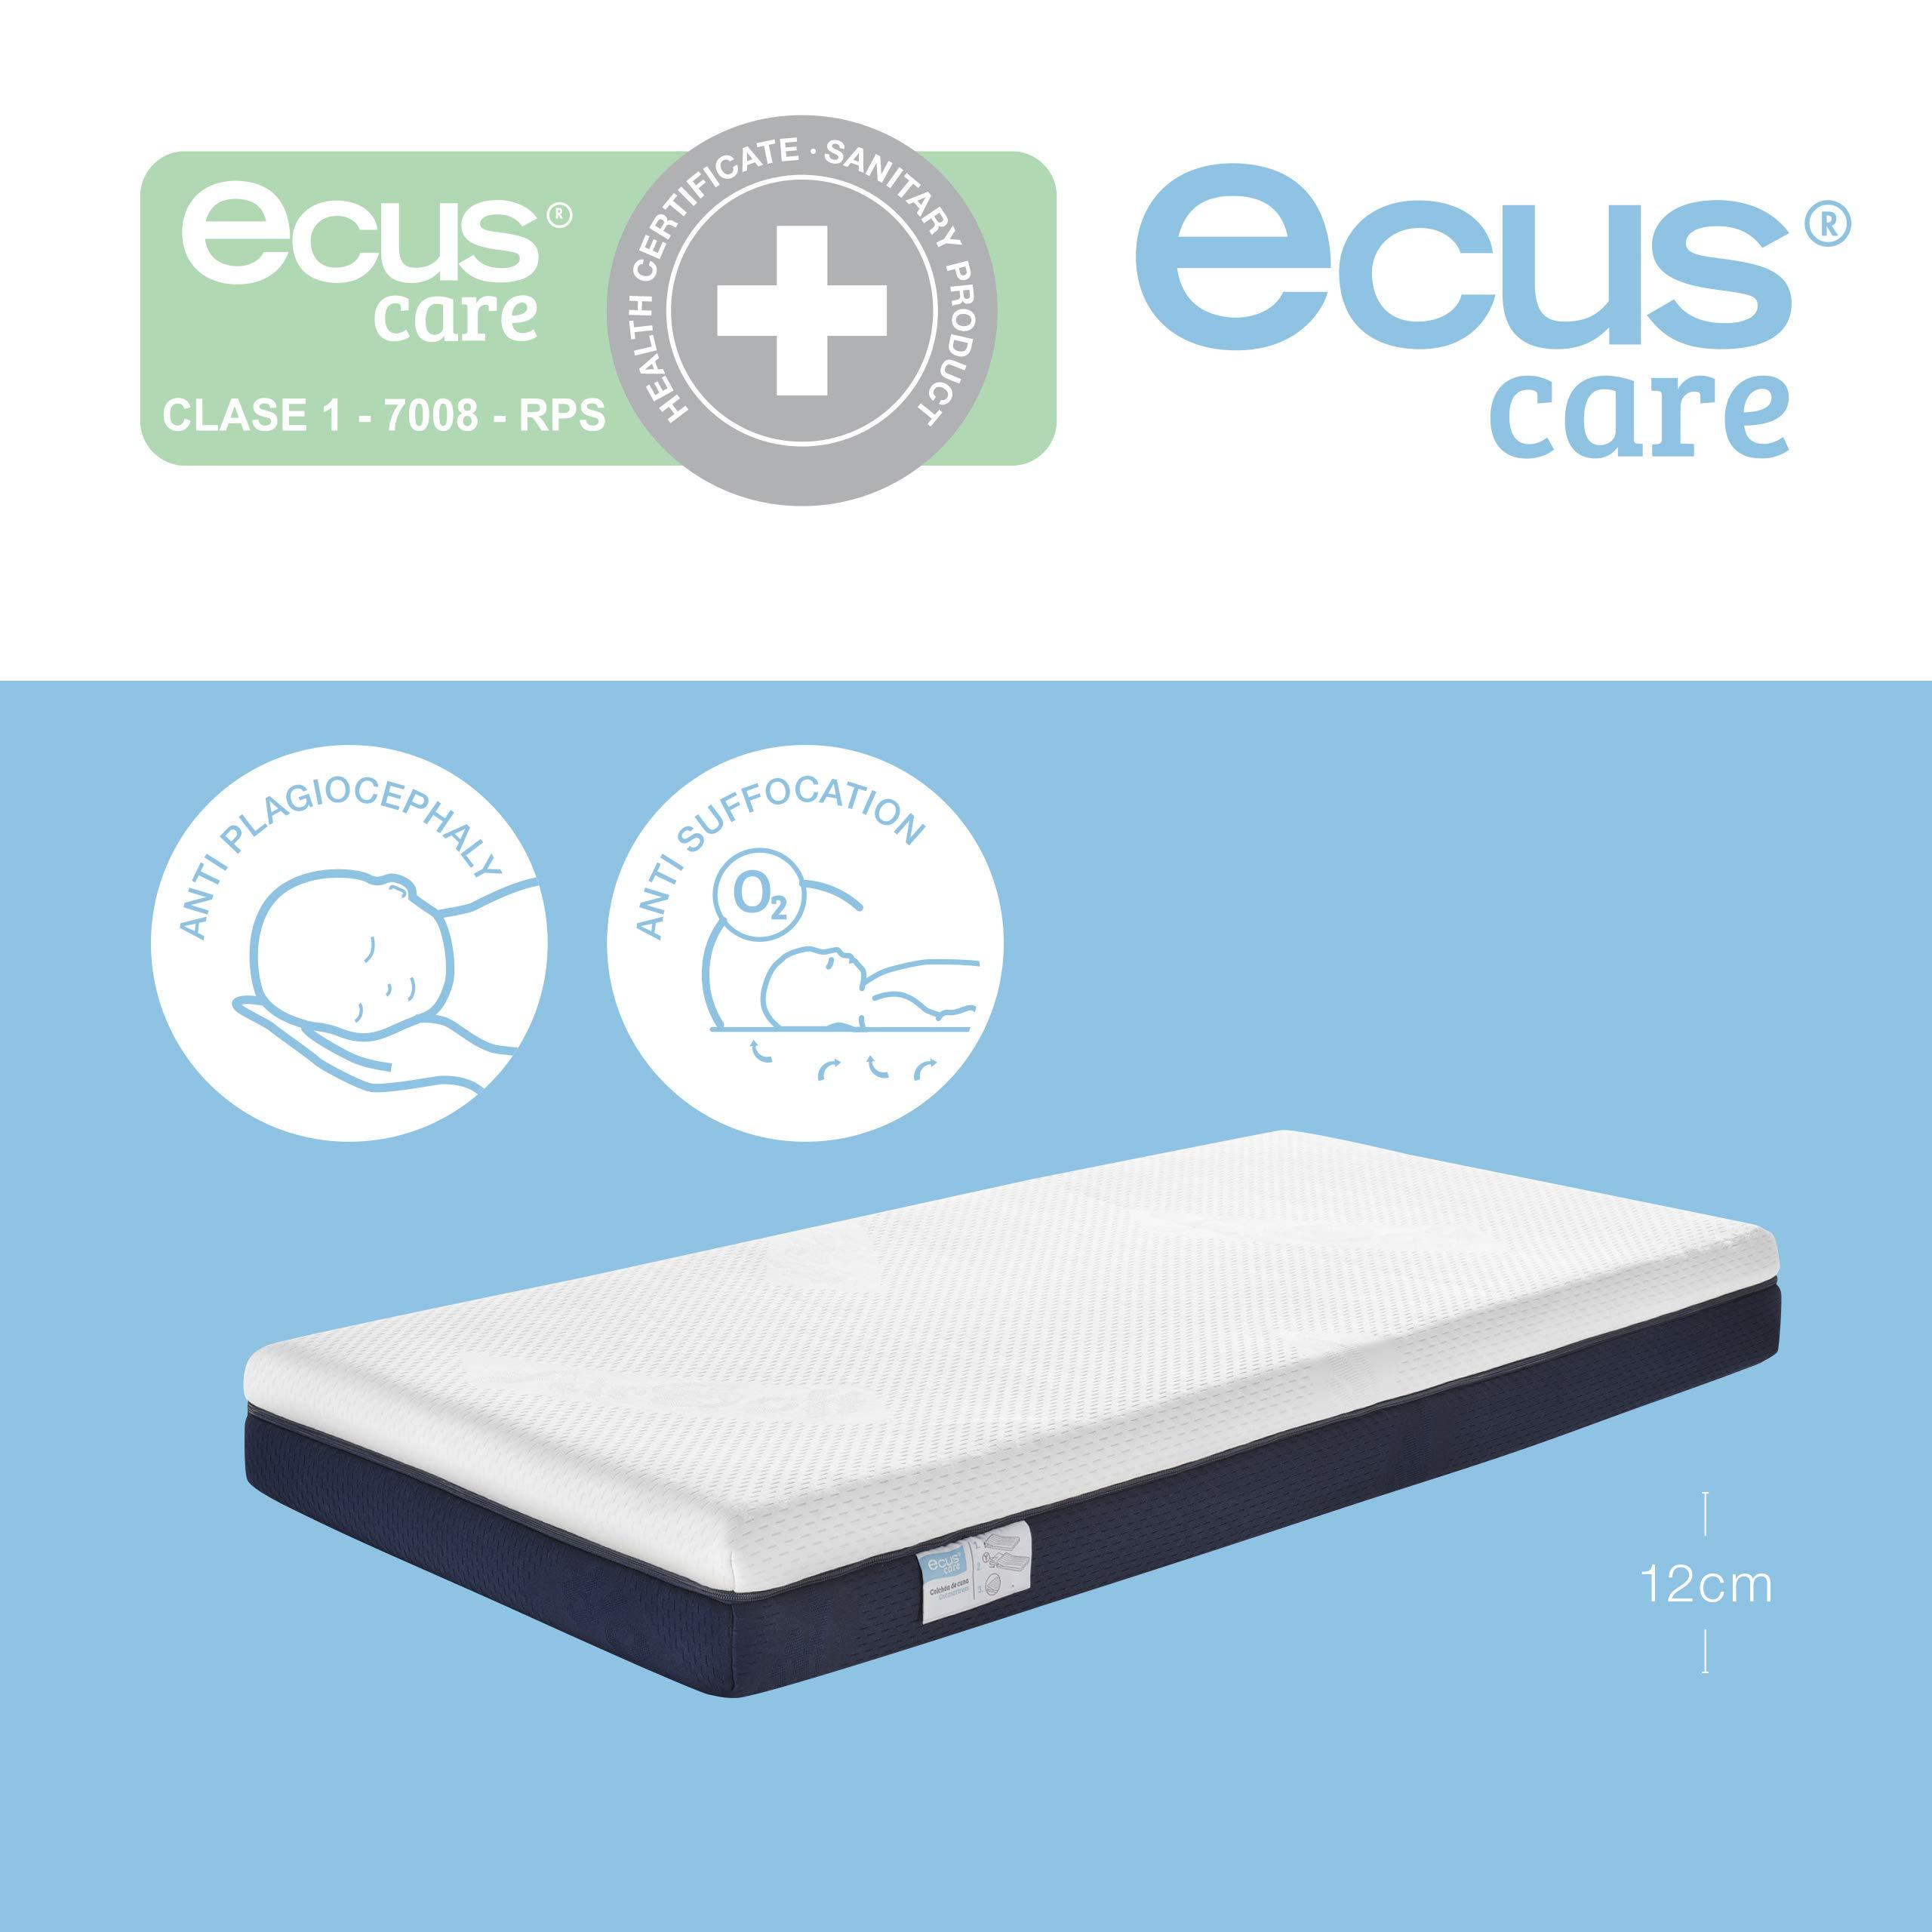 Ecus Care, 140cm x 70cm, colchón de cuna anti plagiocefalia product image